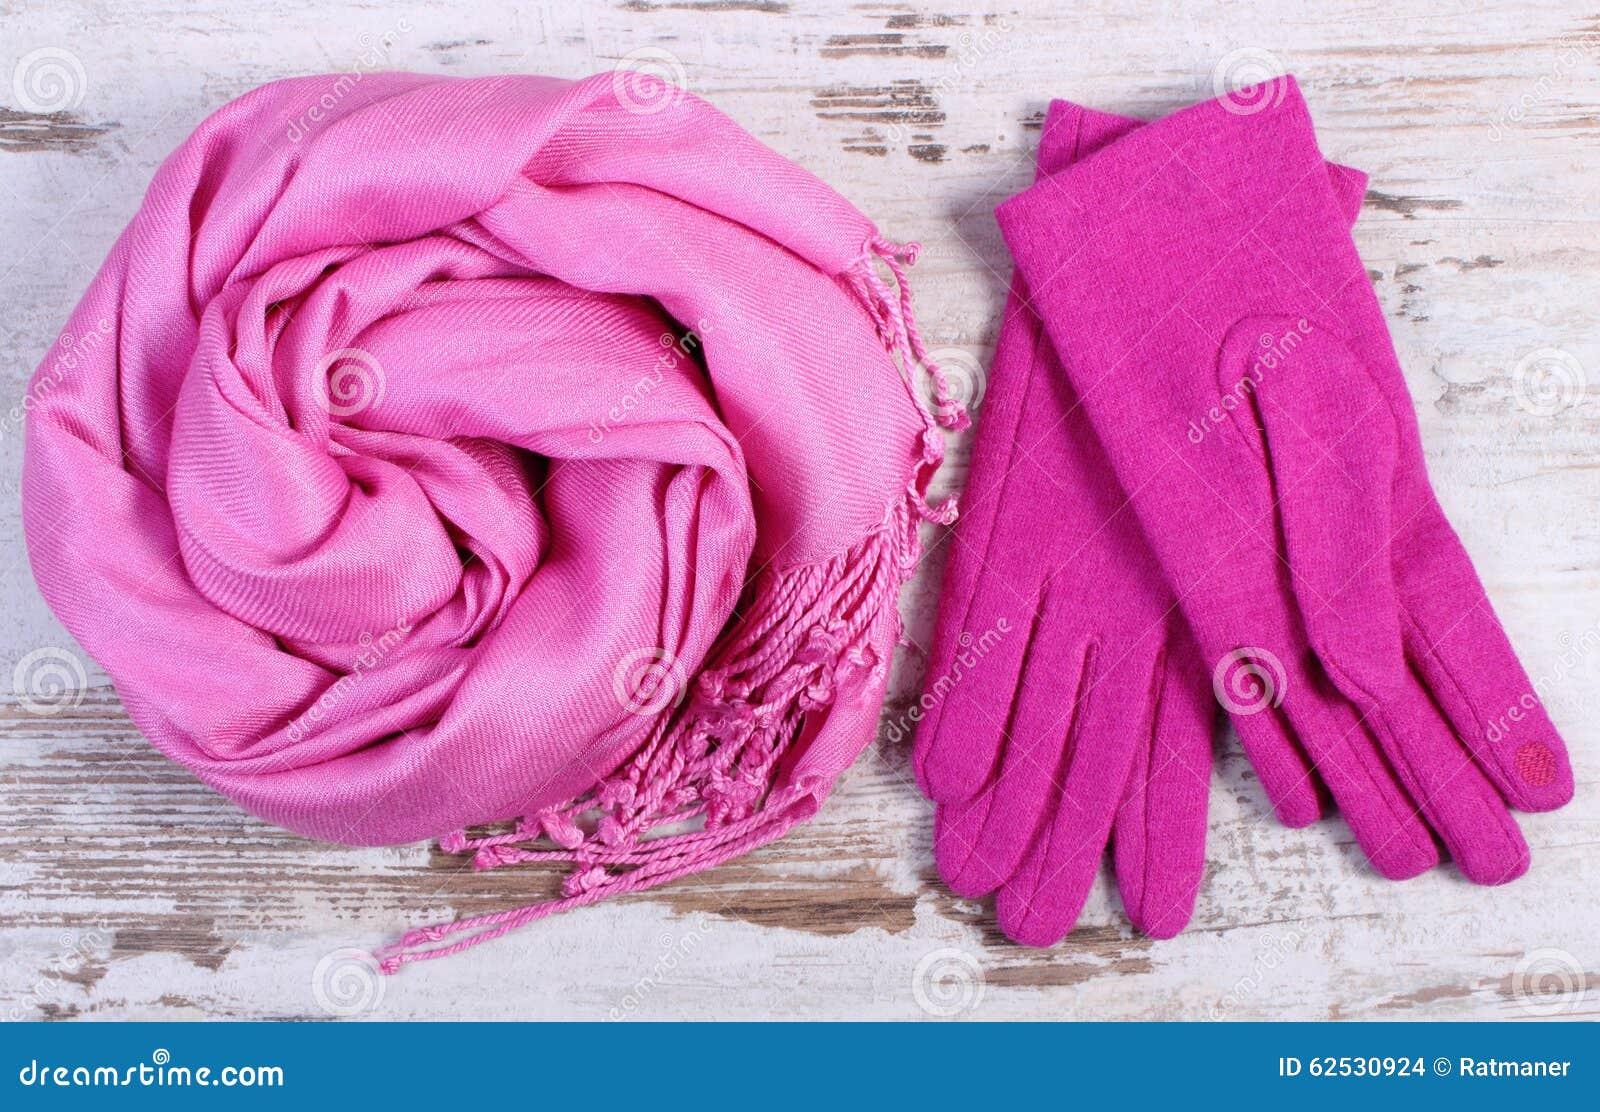 Gants et châle de laine pour la femme le vieux fond en bois rustique, les  accessoires féminins, l habillement chaud pour l automne ou l hiver efed2446729